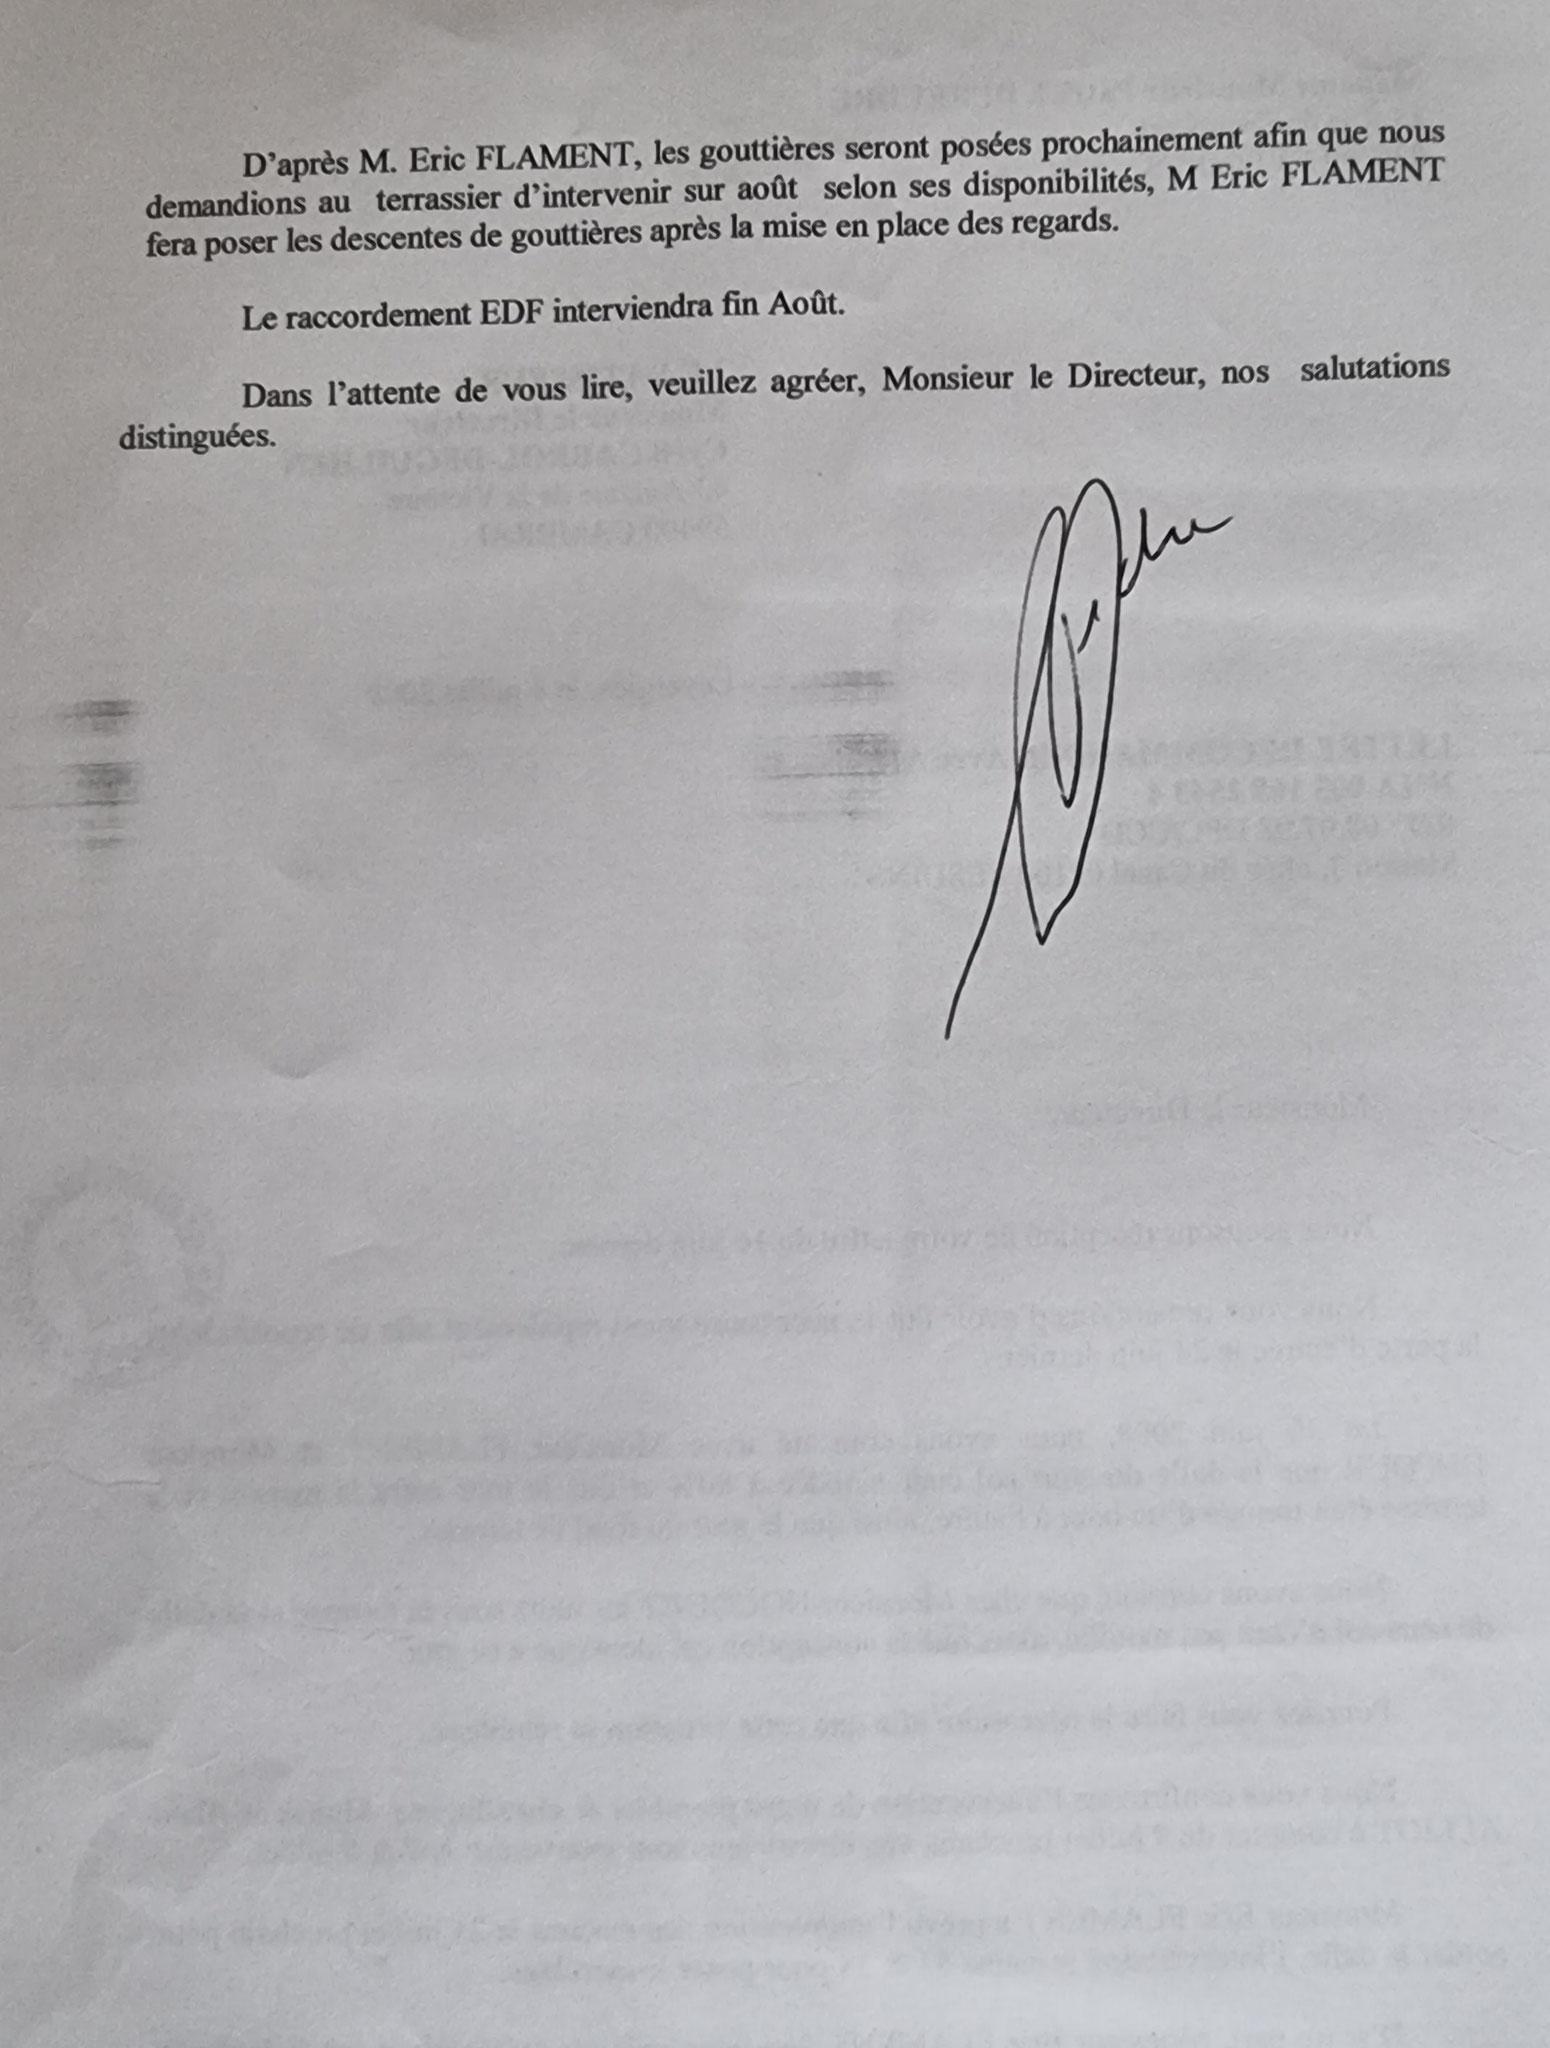 En date du 08 Juillet 2008, j'adresse une LRAR à Monsieur Cyril CABROL le Directeur de notre constructeur LE BATISSEUR à CAMBRAI entreprise aujourd'hui en faillite www.jenesuispasunchien.fr www.jesuispatrick.fr www.jesuisvictime.fr